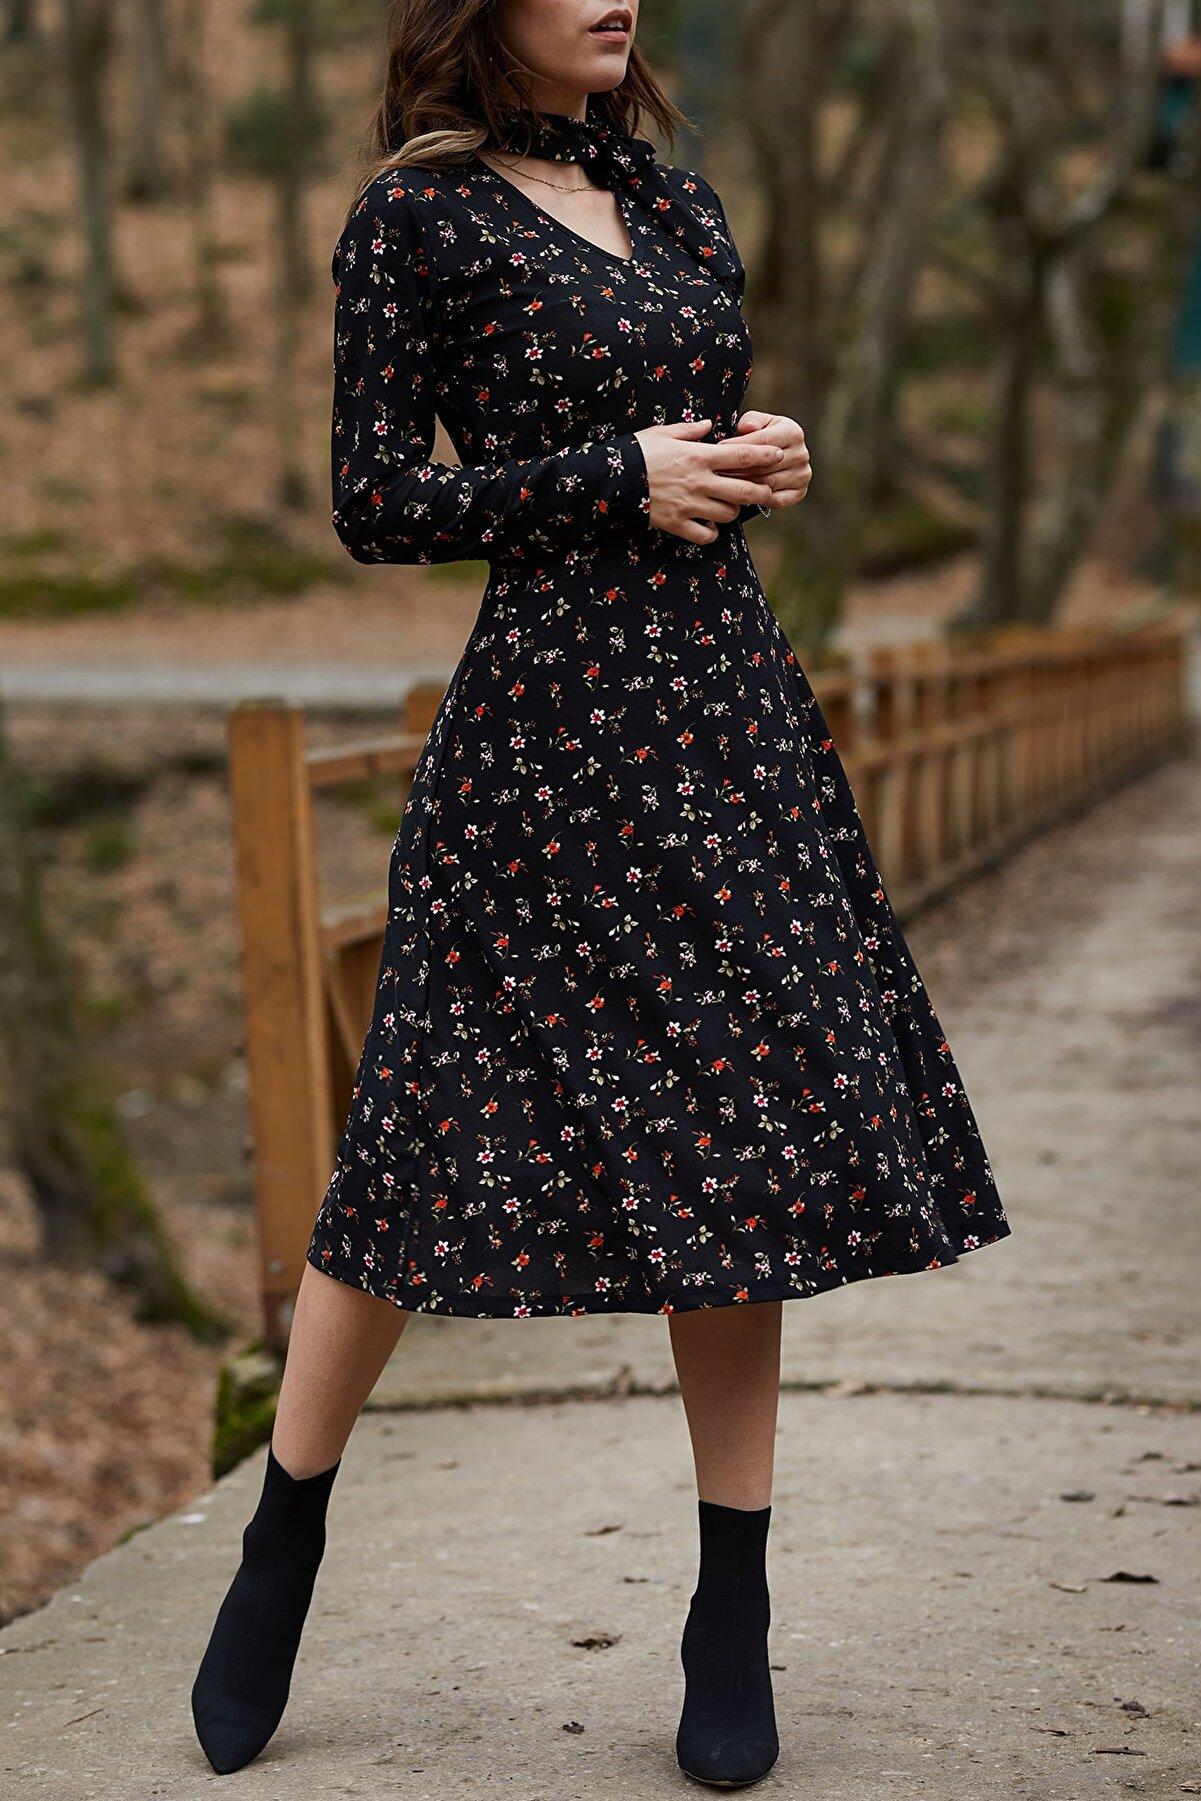 XHAN Kadın Siyah Yakası Bağlamalı Çiçek Desenli Elbise 9YXK6-41728-02